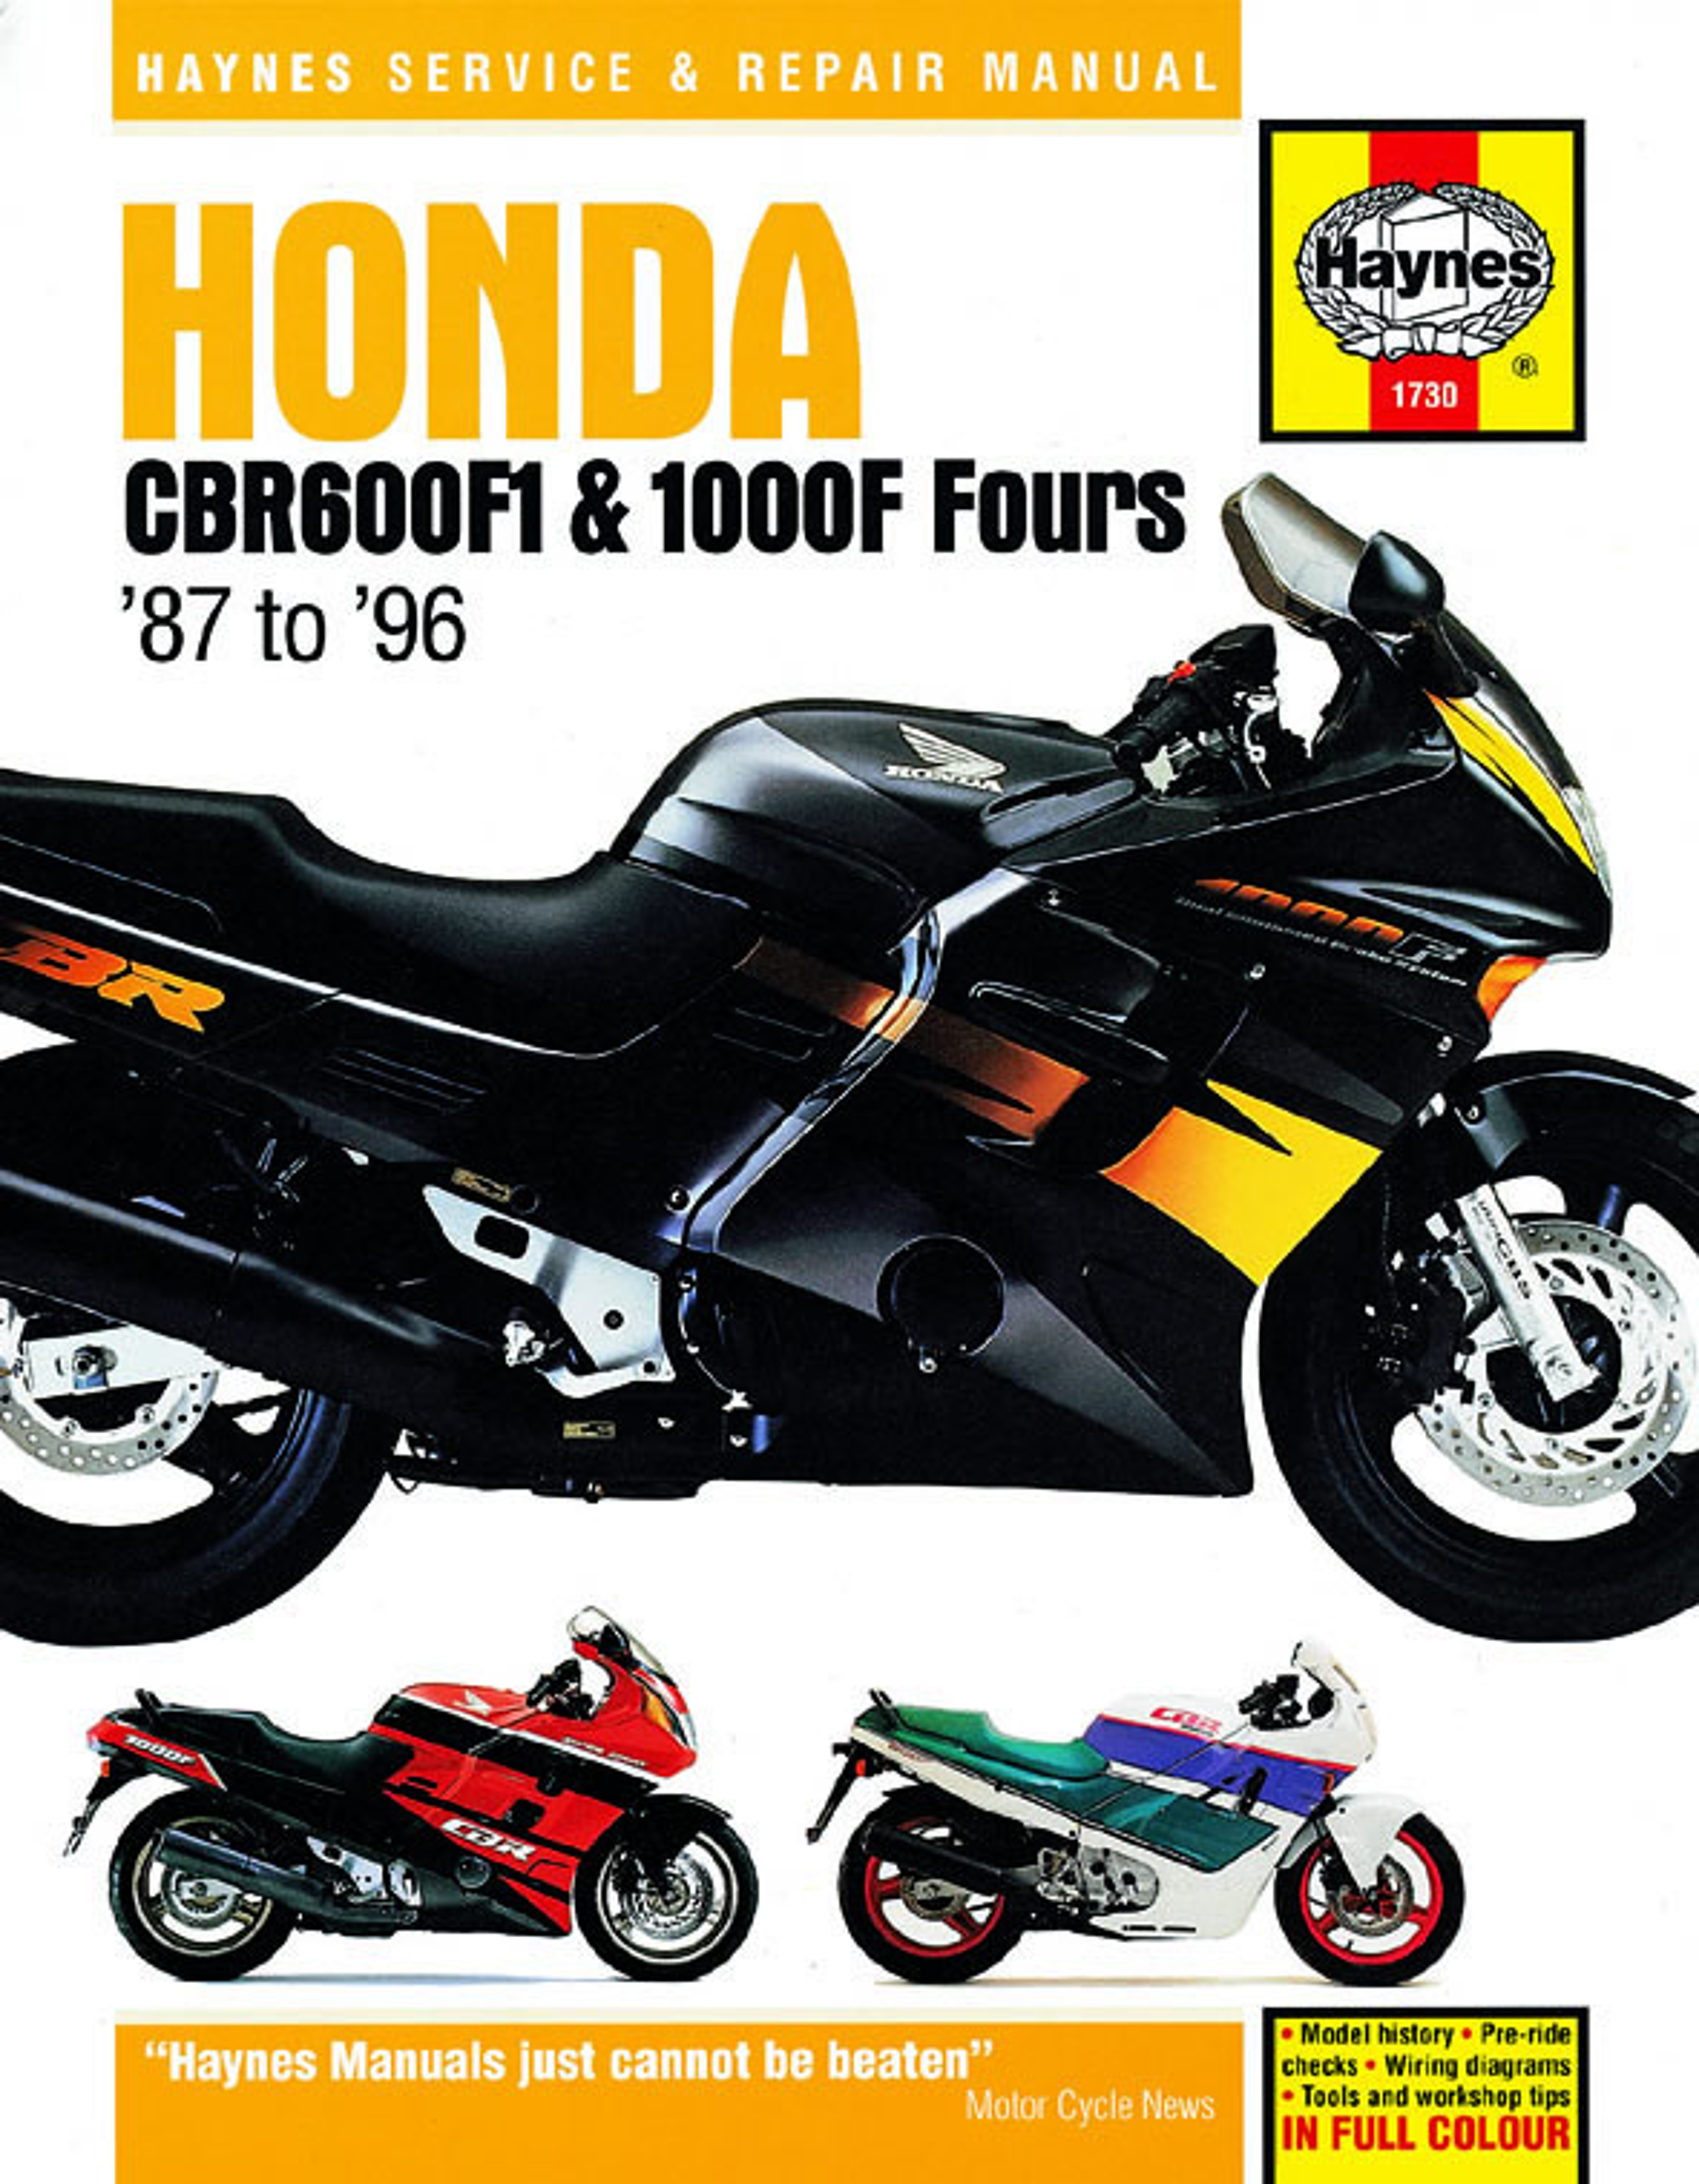 1996 Honda Cbr 600 Wiring Diagram - Schematics Online on